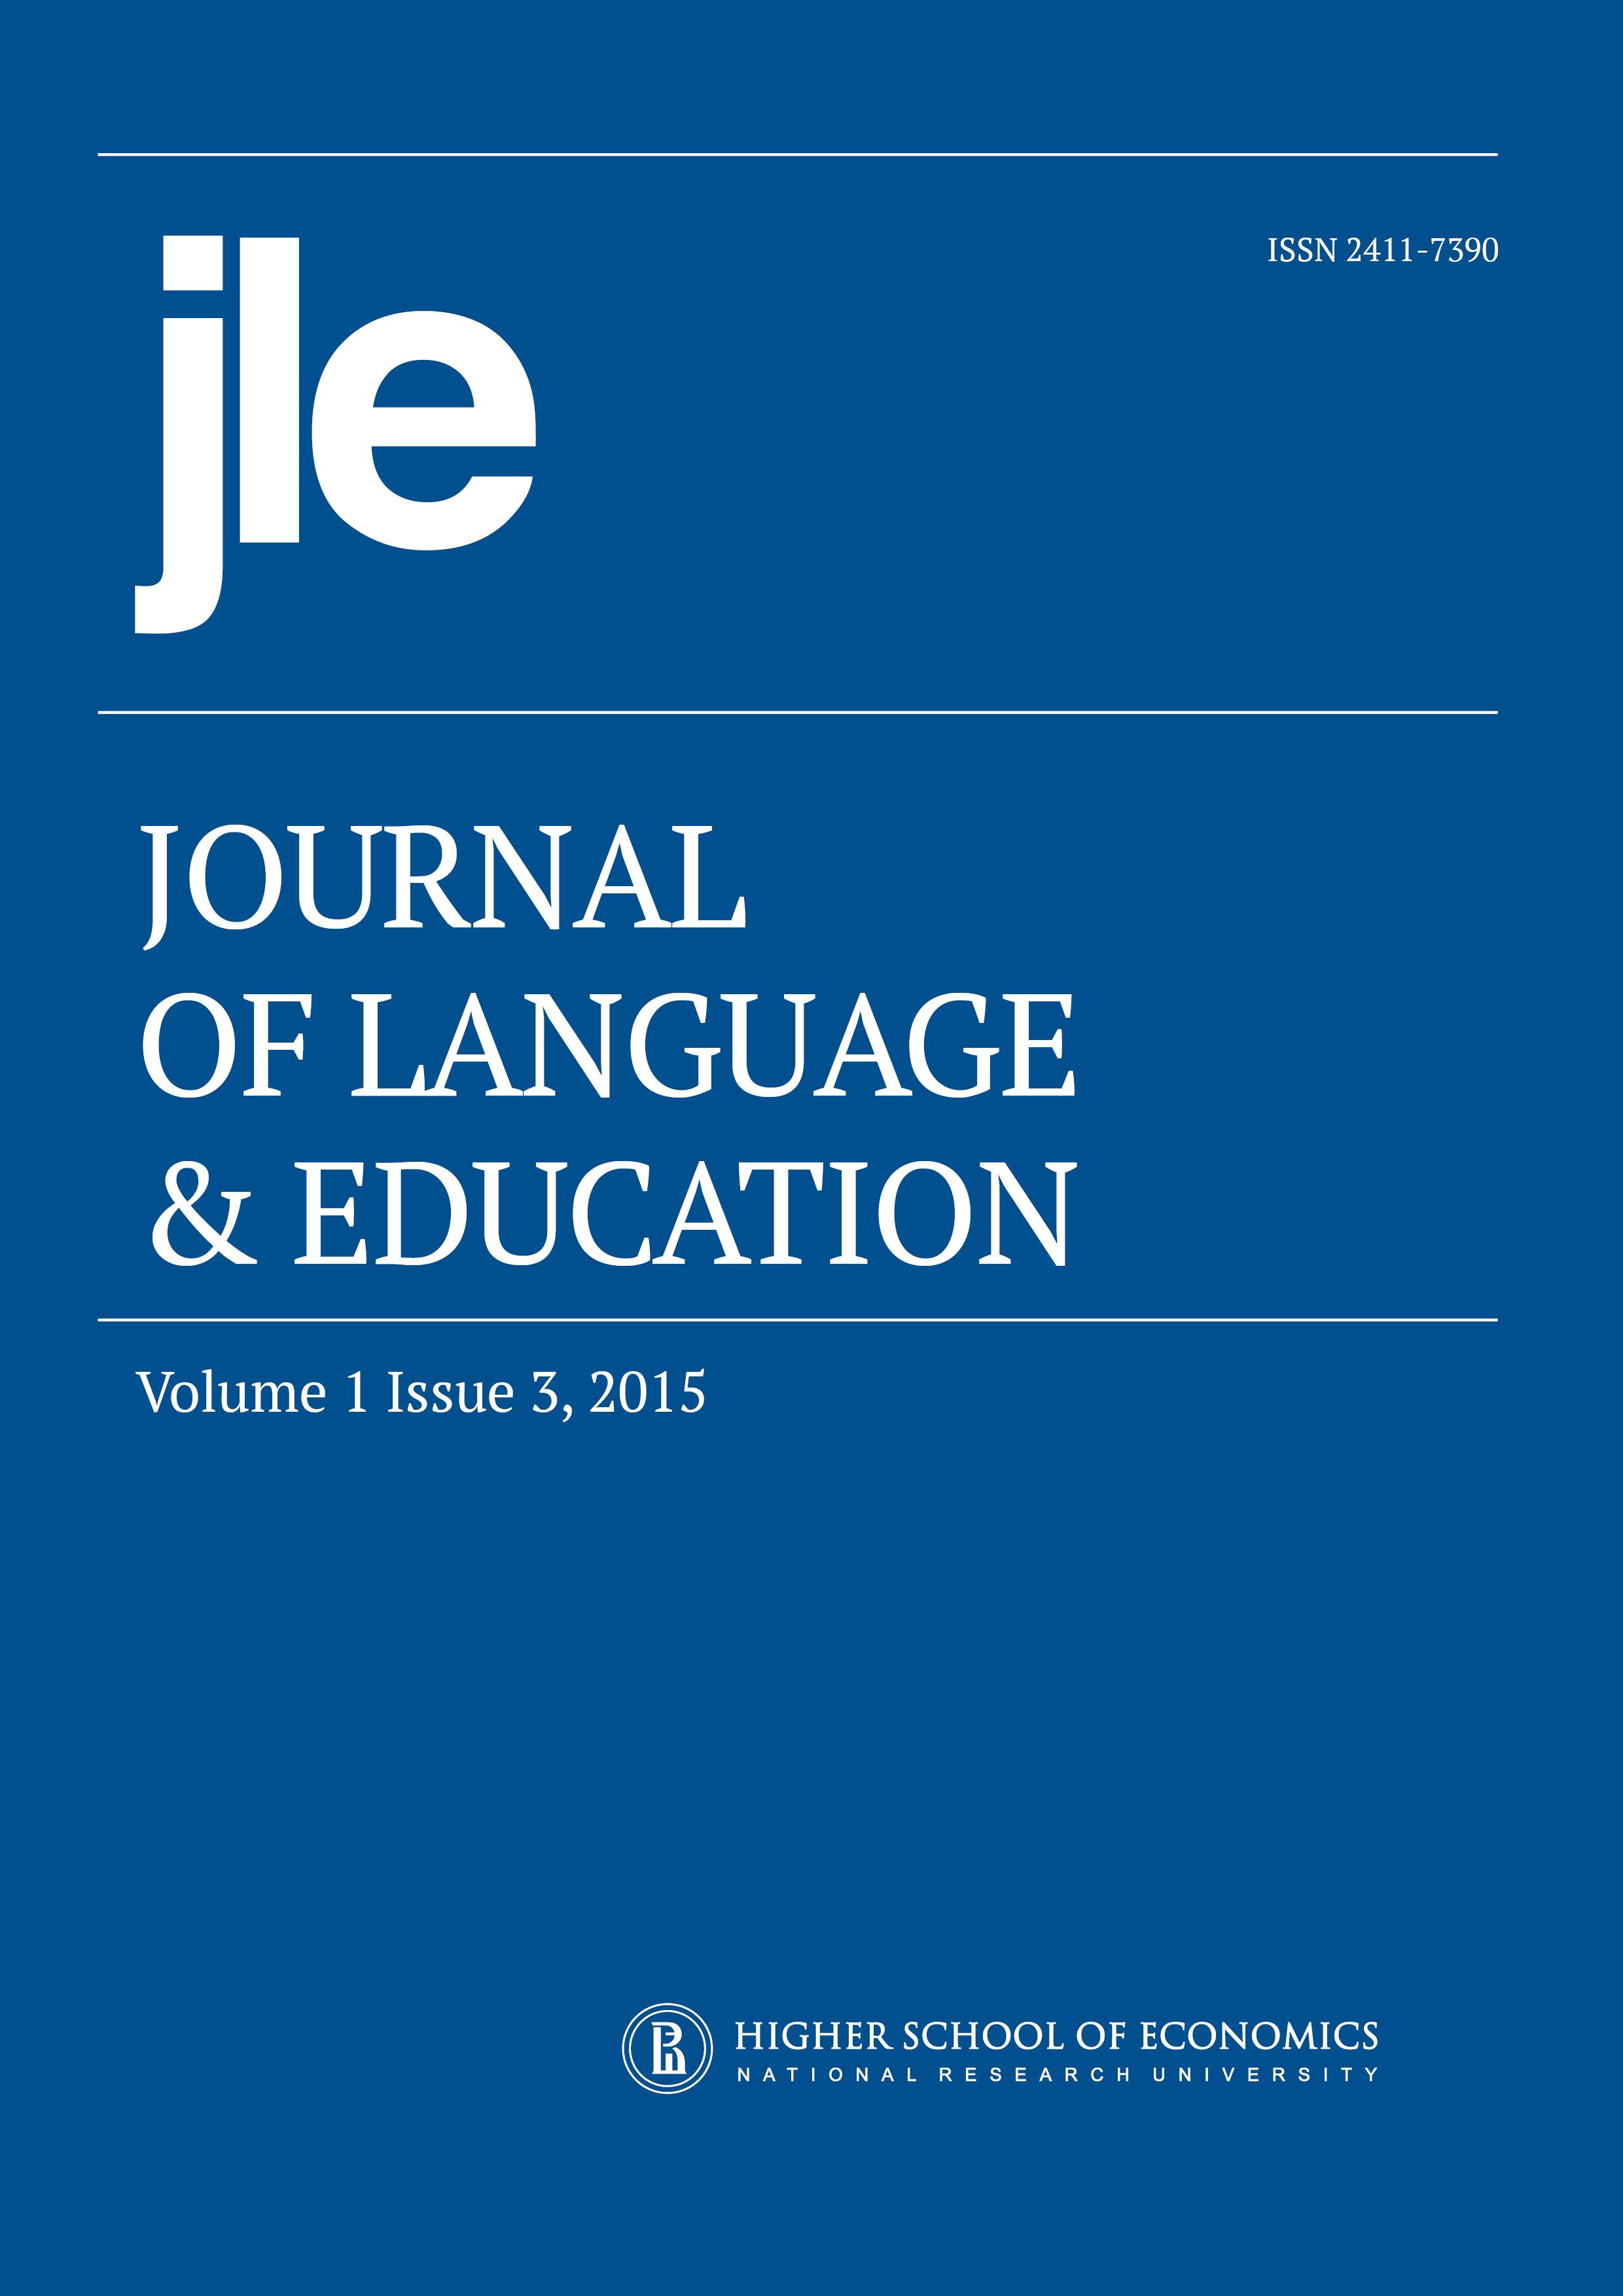 Volume 1 Issue 3, 2015